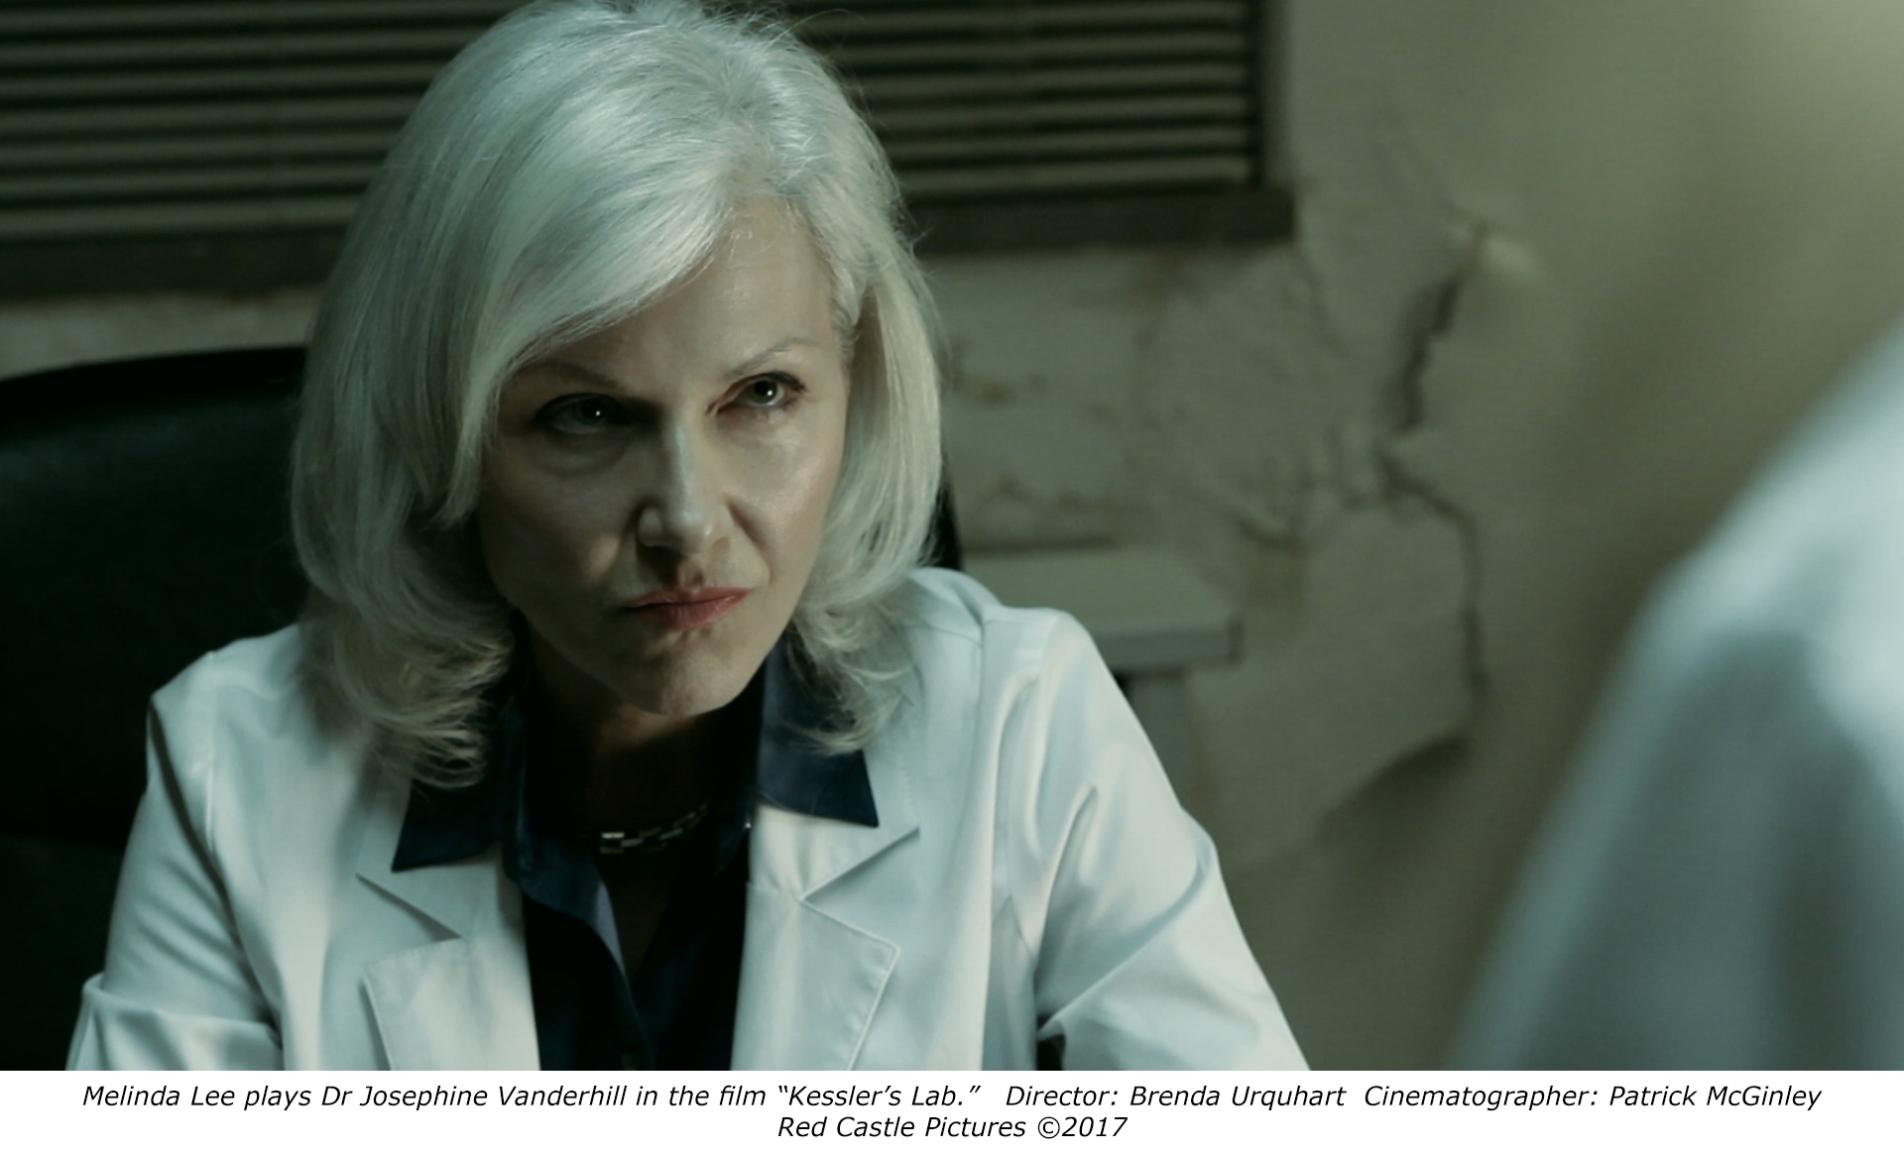 Melinda Lee in Kessler's Lab